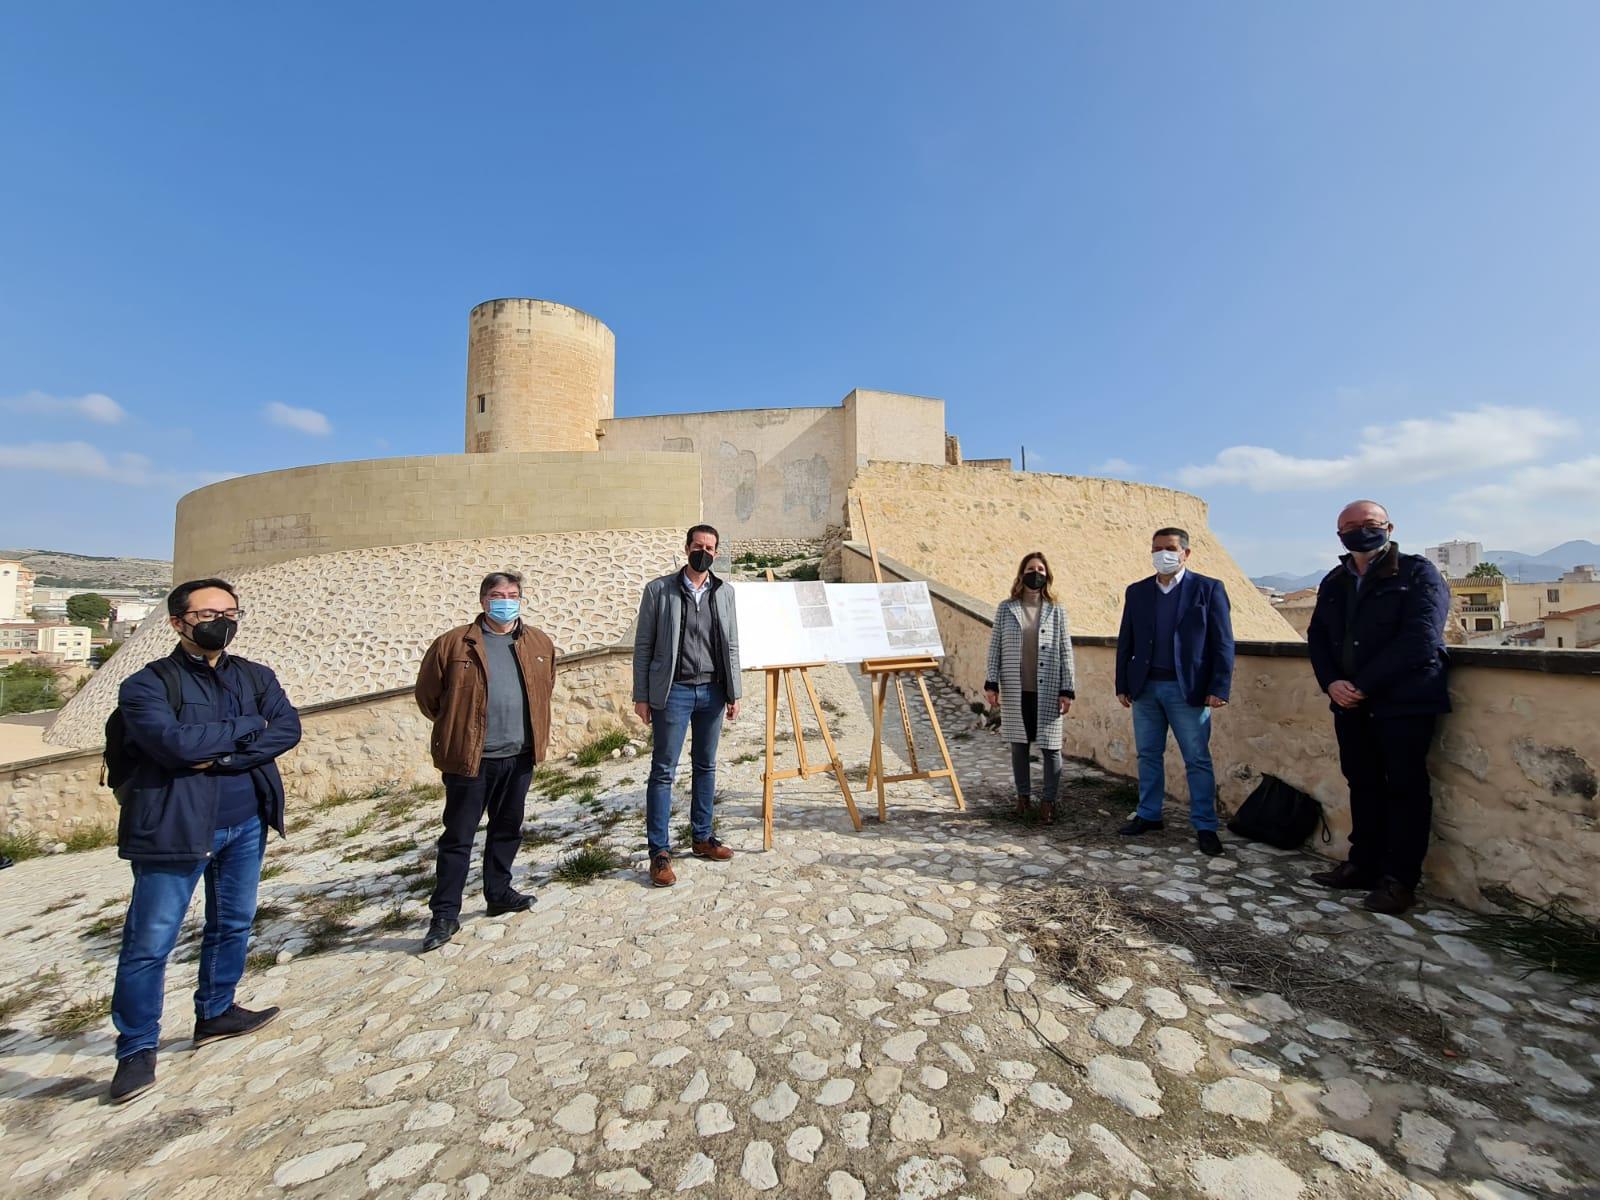 El Ayuntamiento pone en marcha el Plan Especial de Protección y Conservación del Castillo de Elda como instrumento urbanístico para la ordenación de todo su entorno